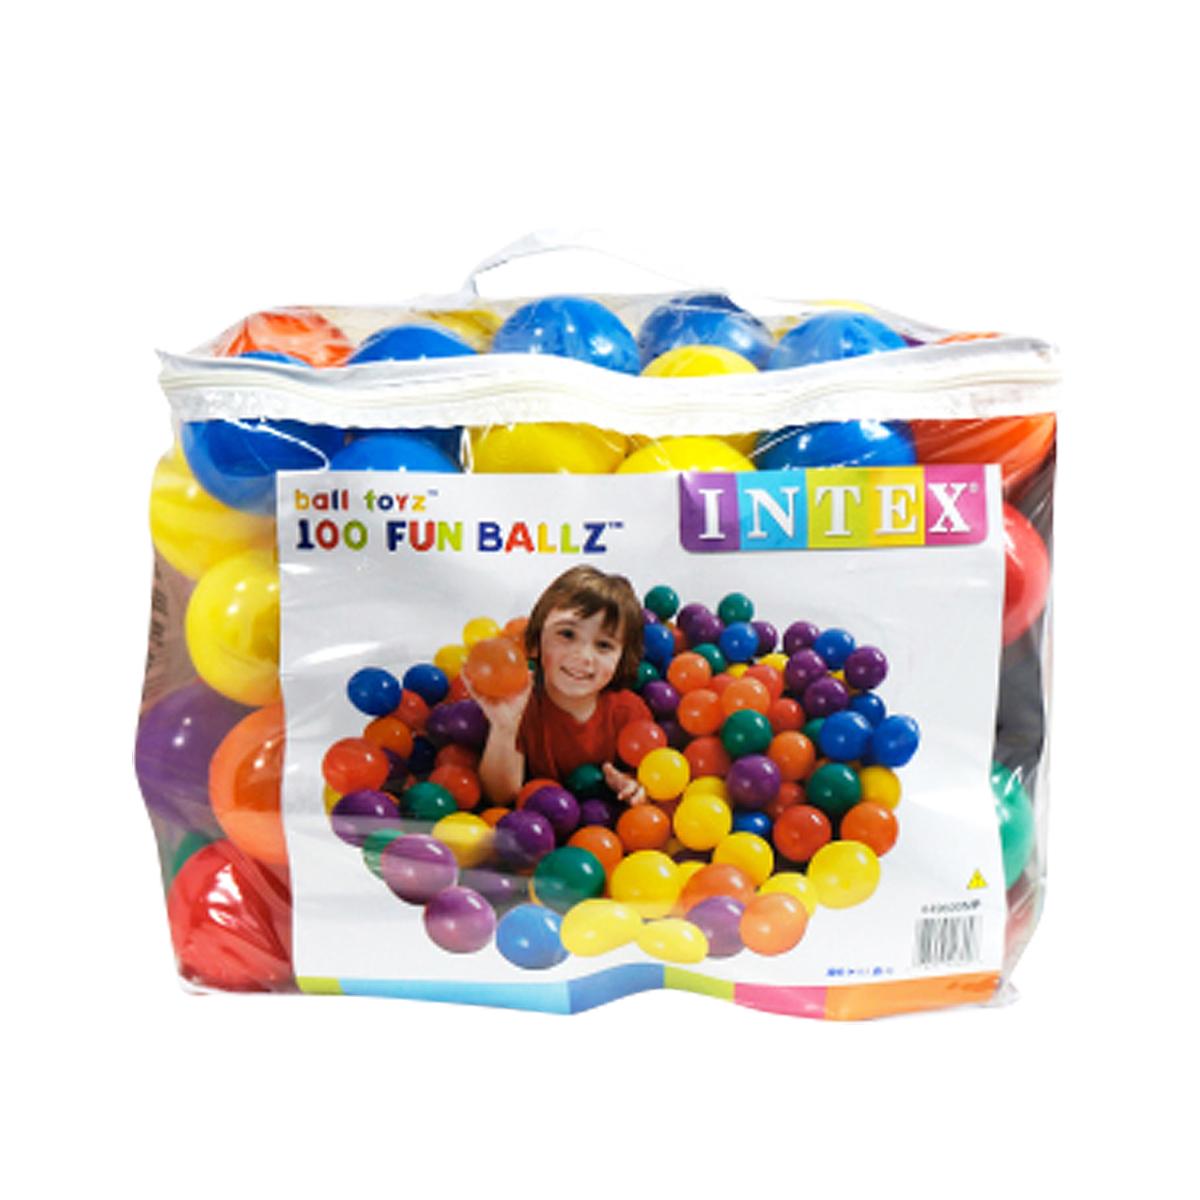 ボールプール ボール カラーボール おもちゃ 100個 80mm 収納バッグ入り INTEX社製 子供 幼児 キッズテント ボールハウス 室内 ファンボール  _85161